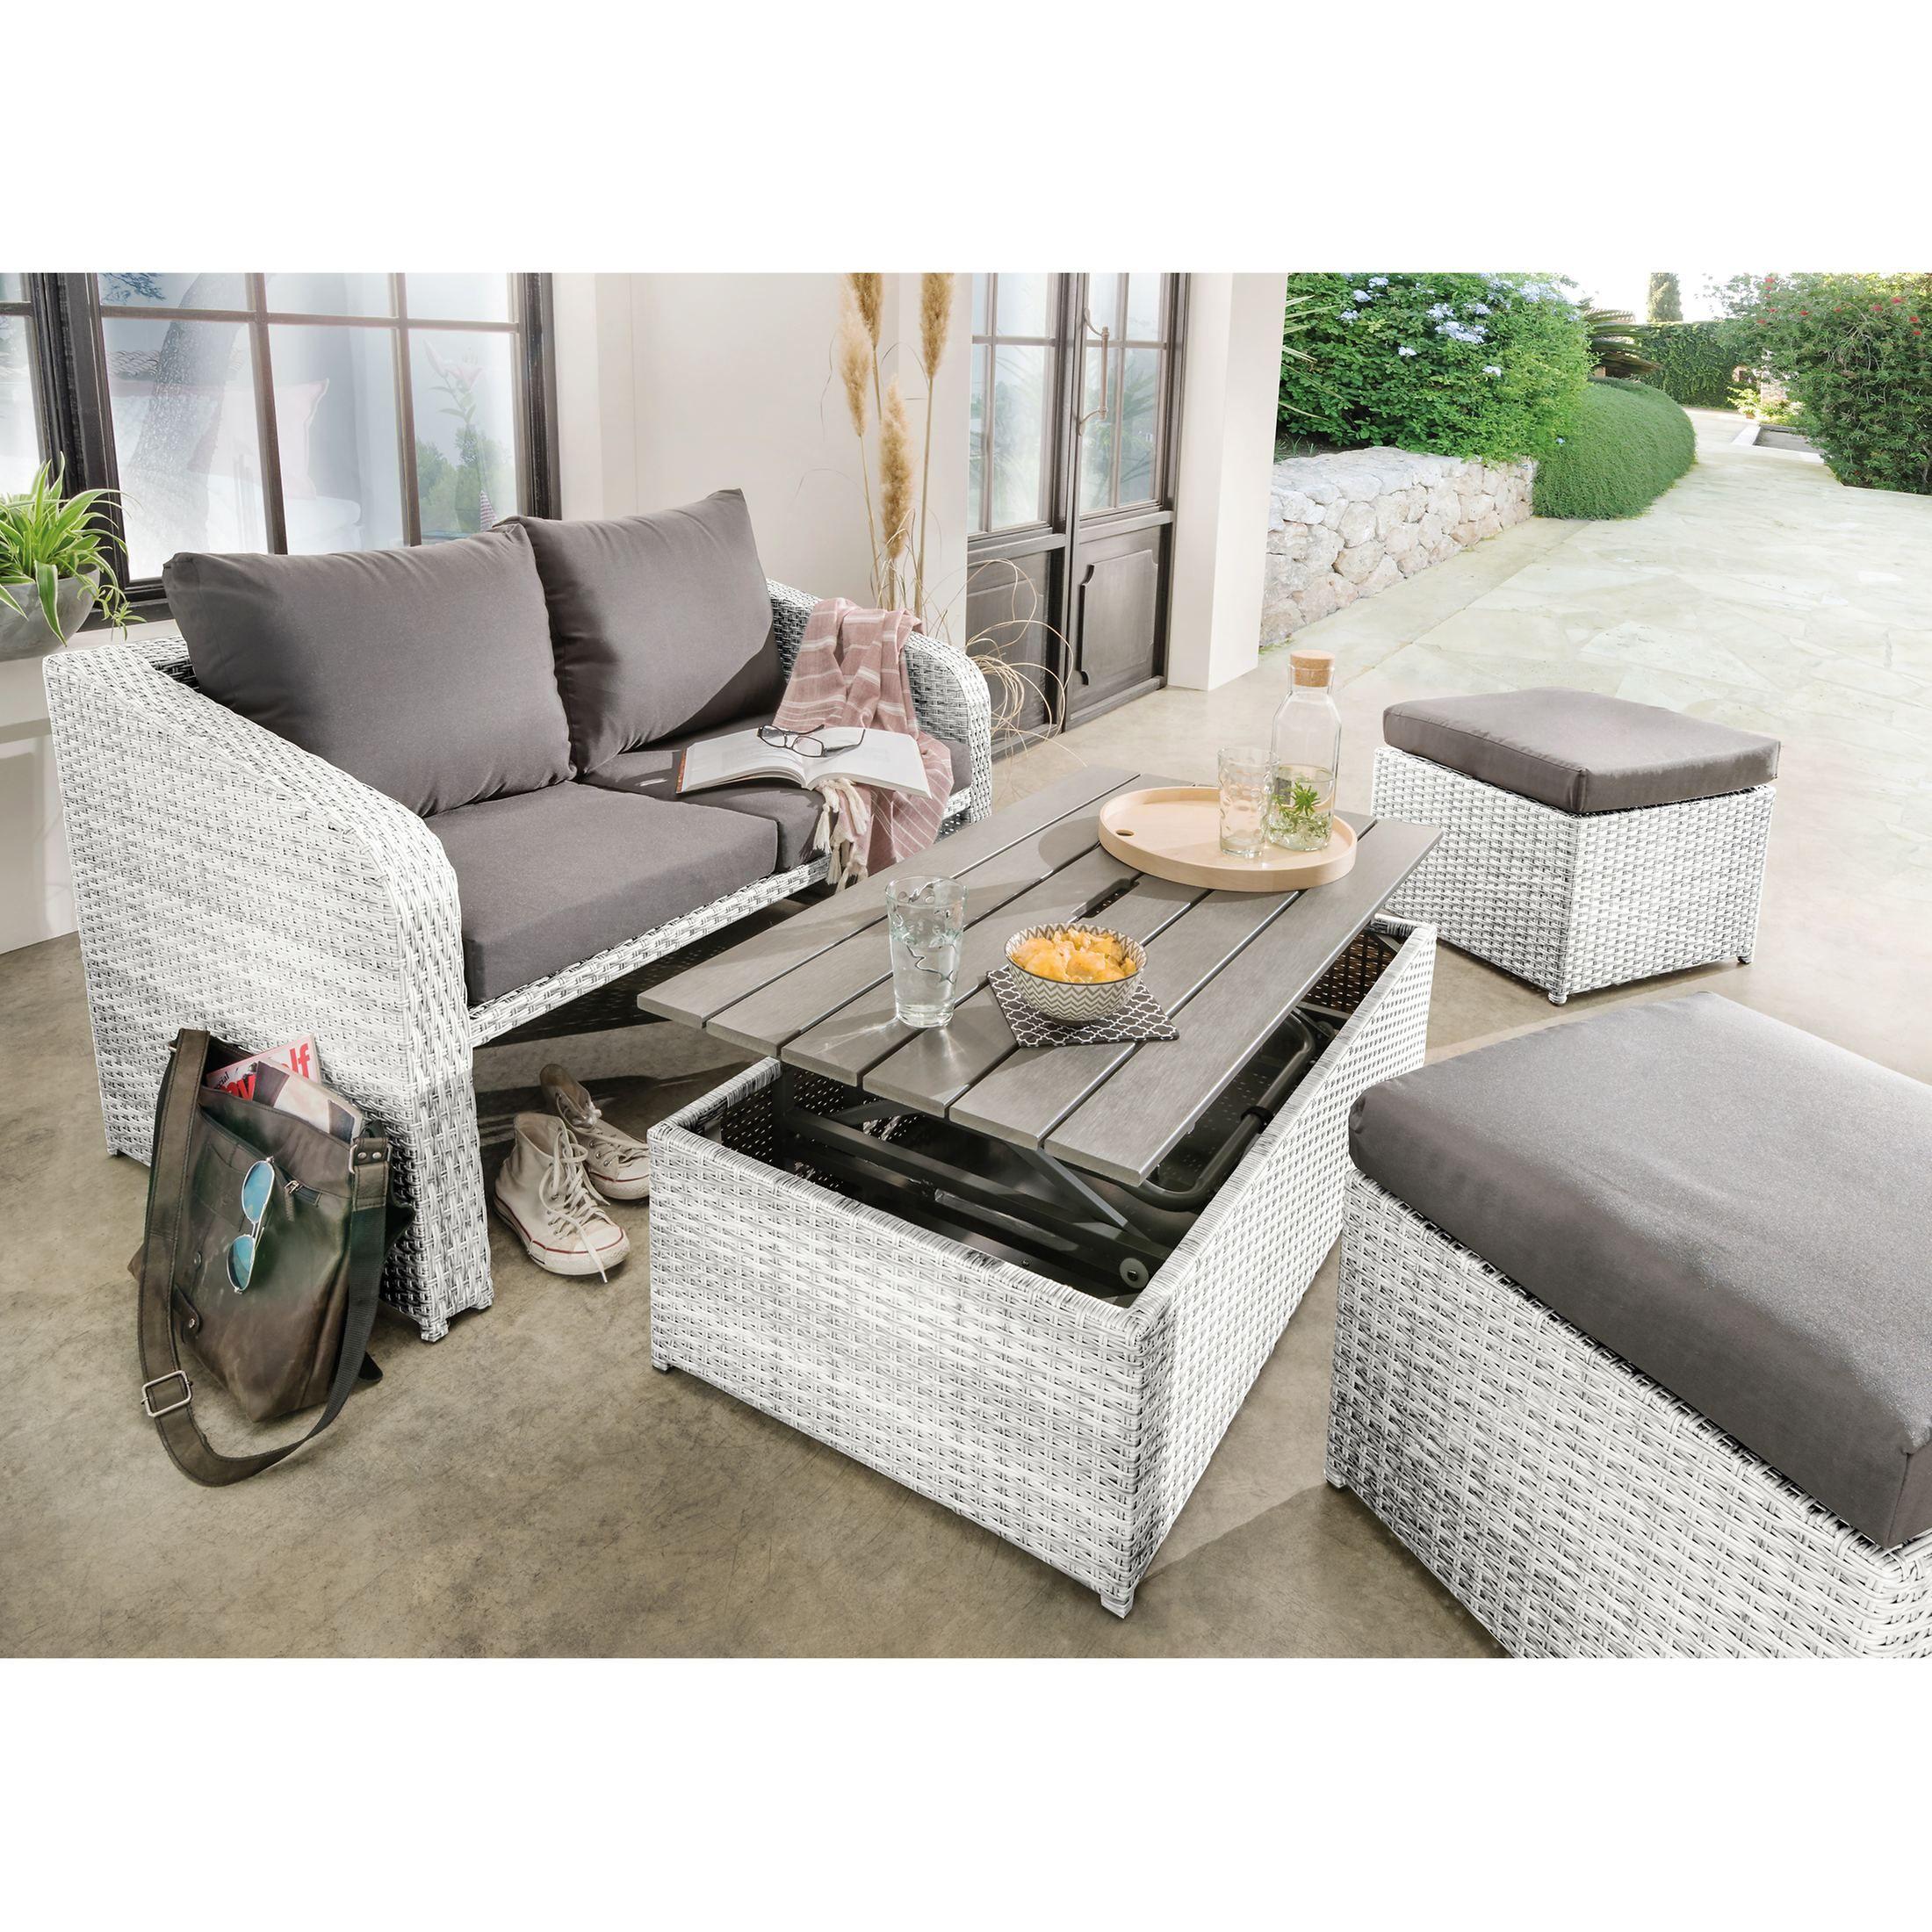 Full Size of Outliv Odense Das Weisse Lounge Set Ist Perfekt Fr Kleine Balkone Wohnzimmer Outliv Odense